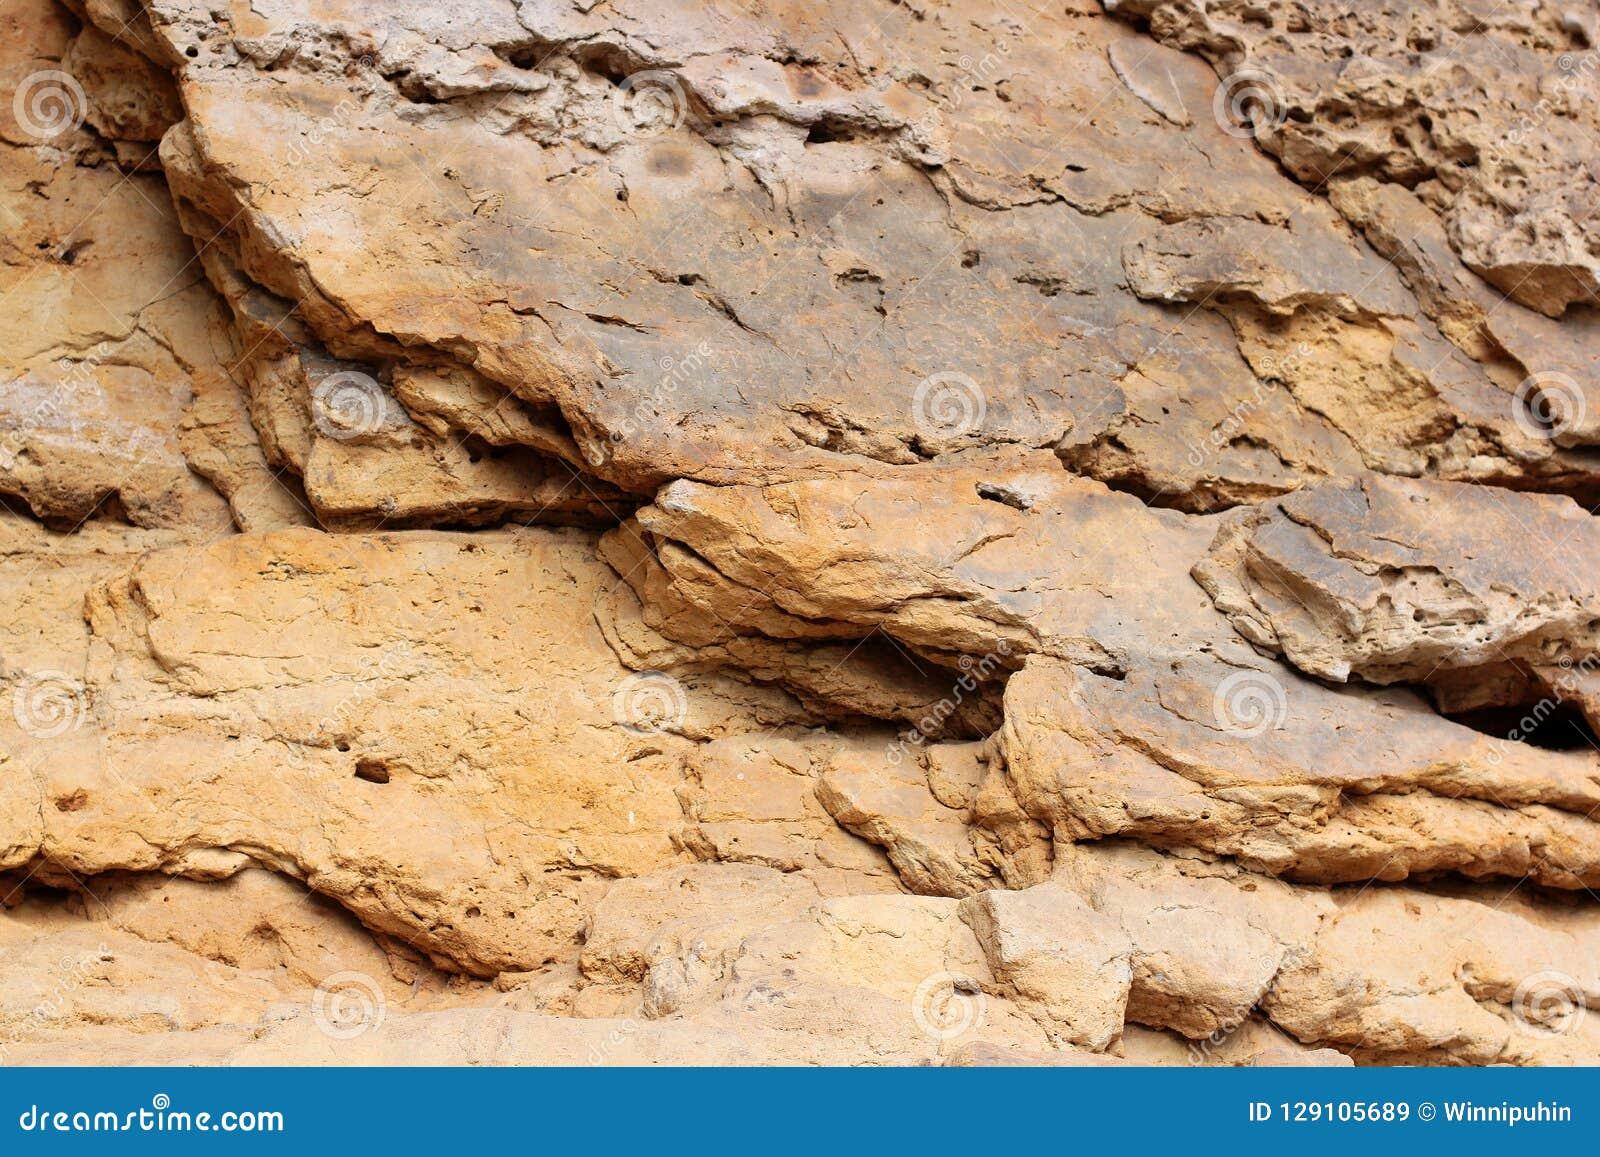 岩石分层堆积-岩石的五颜六色的形成被堆积在上百年 与引人入胜的纹理的有趣的背景